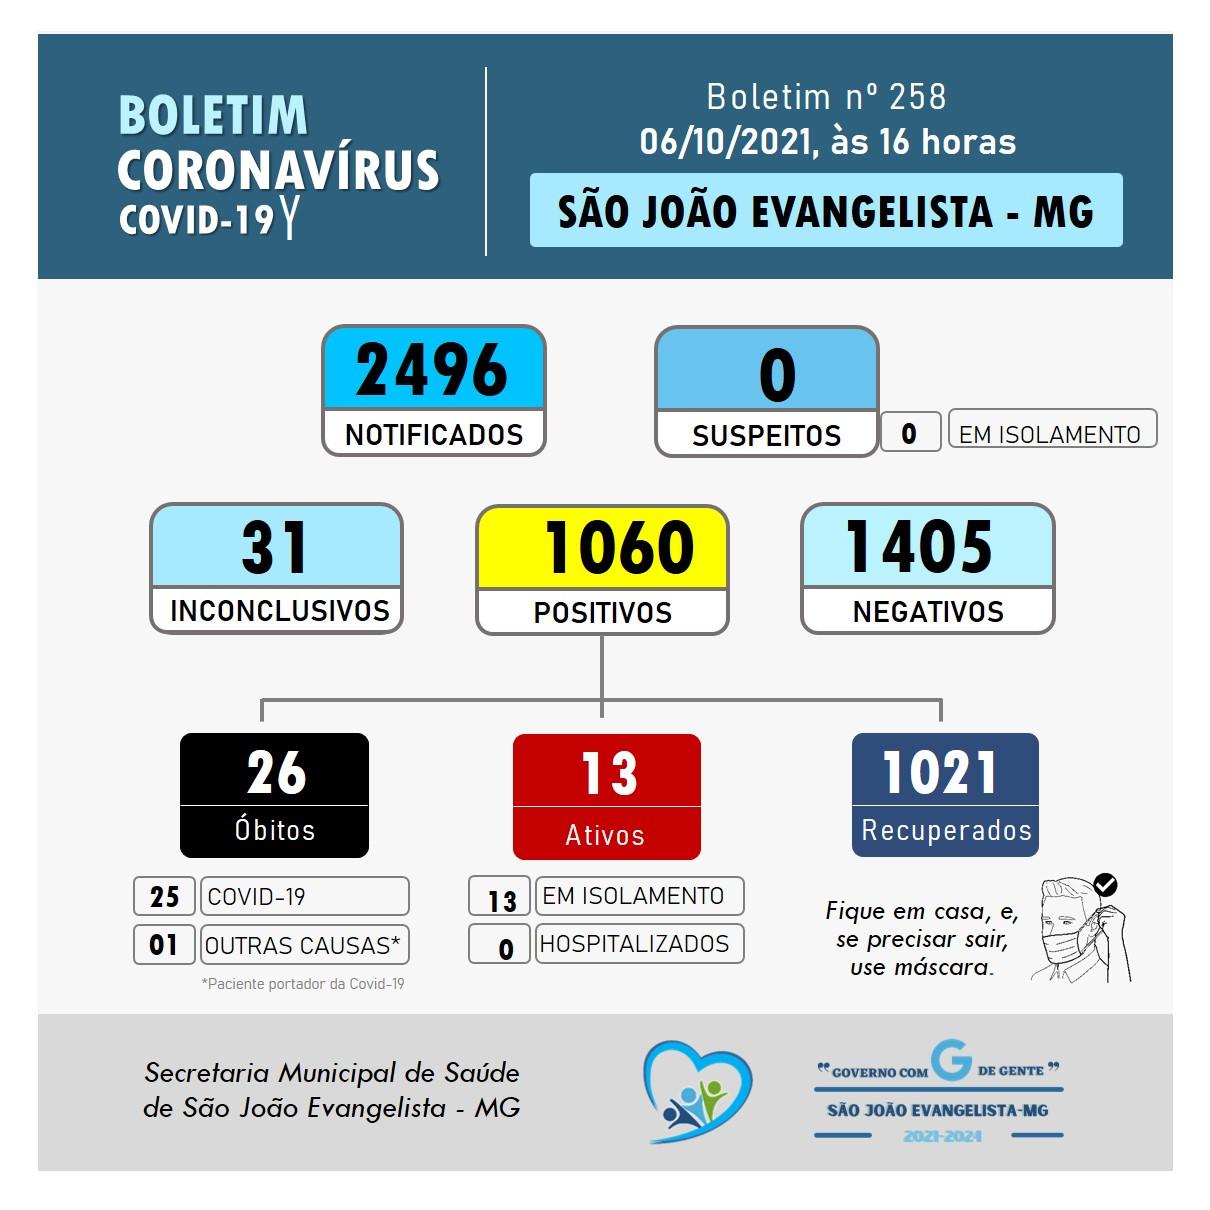 BOLETIM CORONAVÍRUS N° 258 DE 06/10/2021